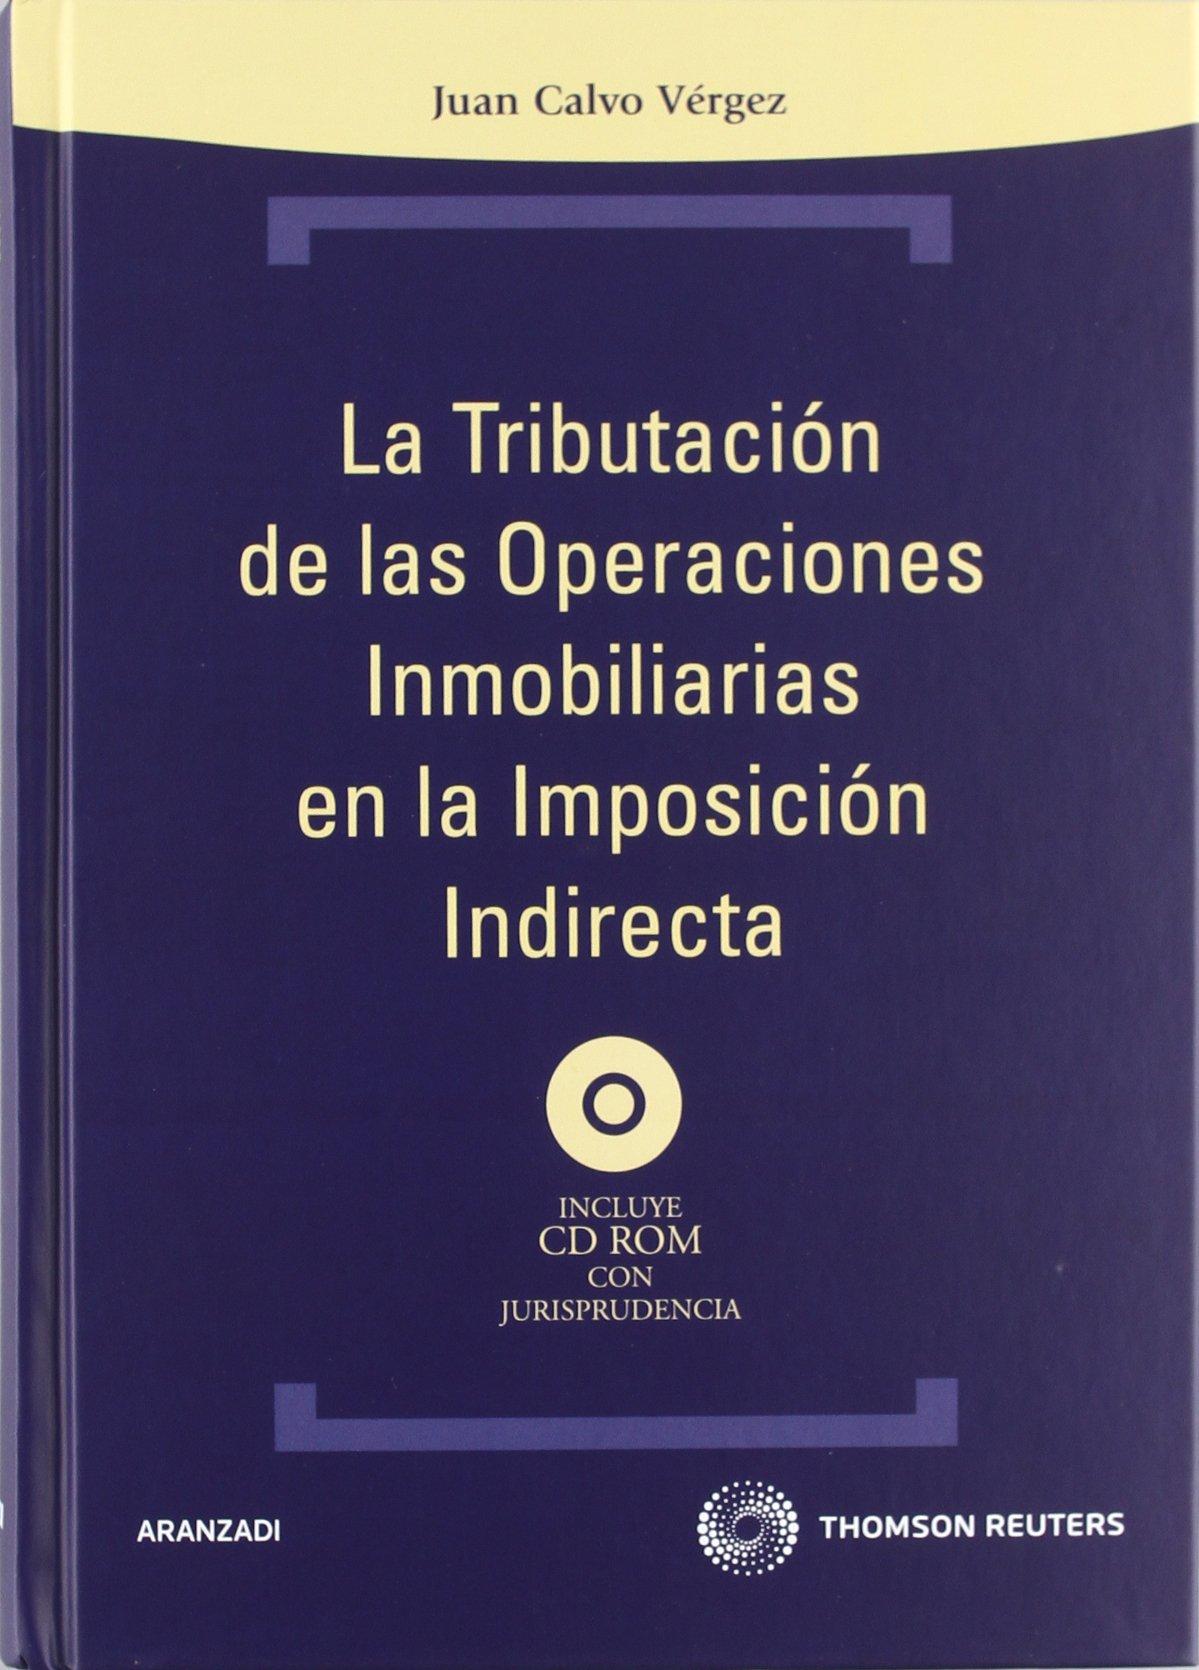 La tributación de las operaciones inmobiliarias en la imposición indirecta: Incluye CD Técnica Tapa Dura: Amazon.es: Juan Calvo Vérgez: Libros